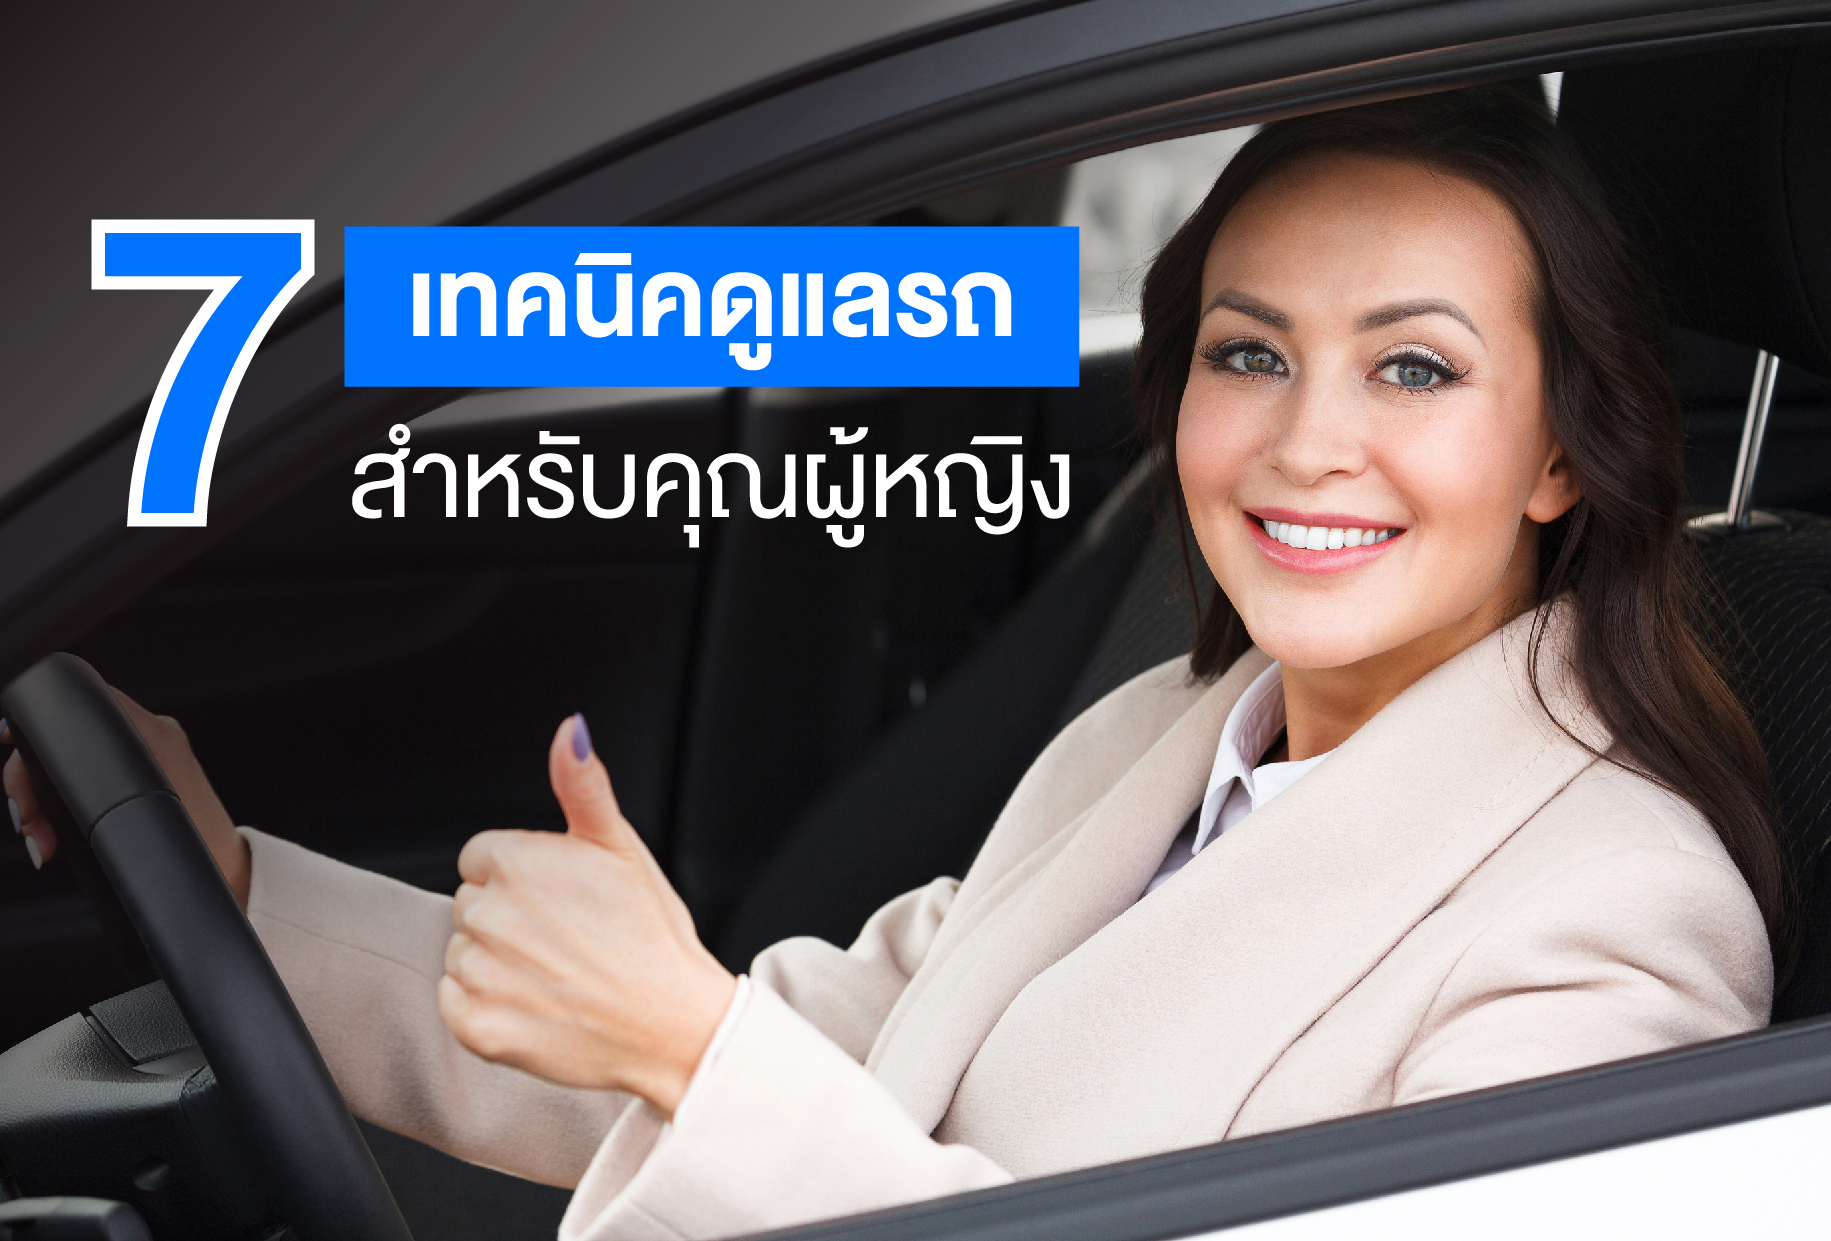 ซื้อประกันภัยรถ